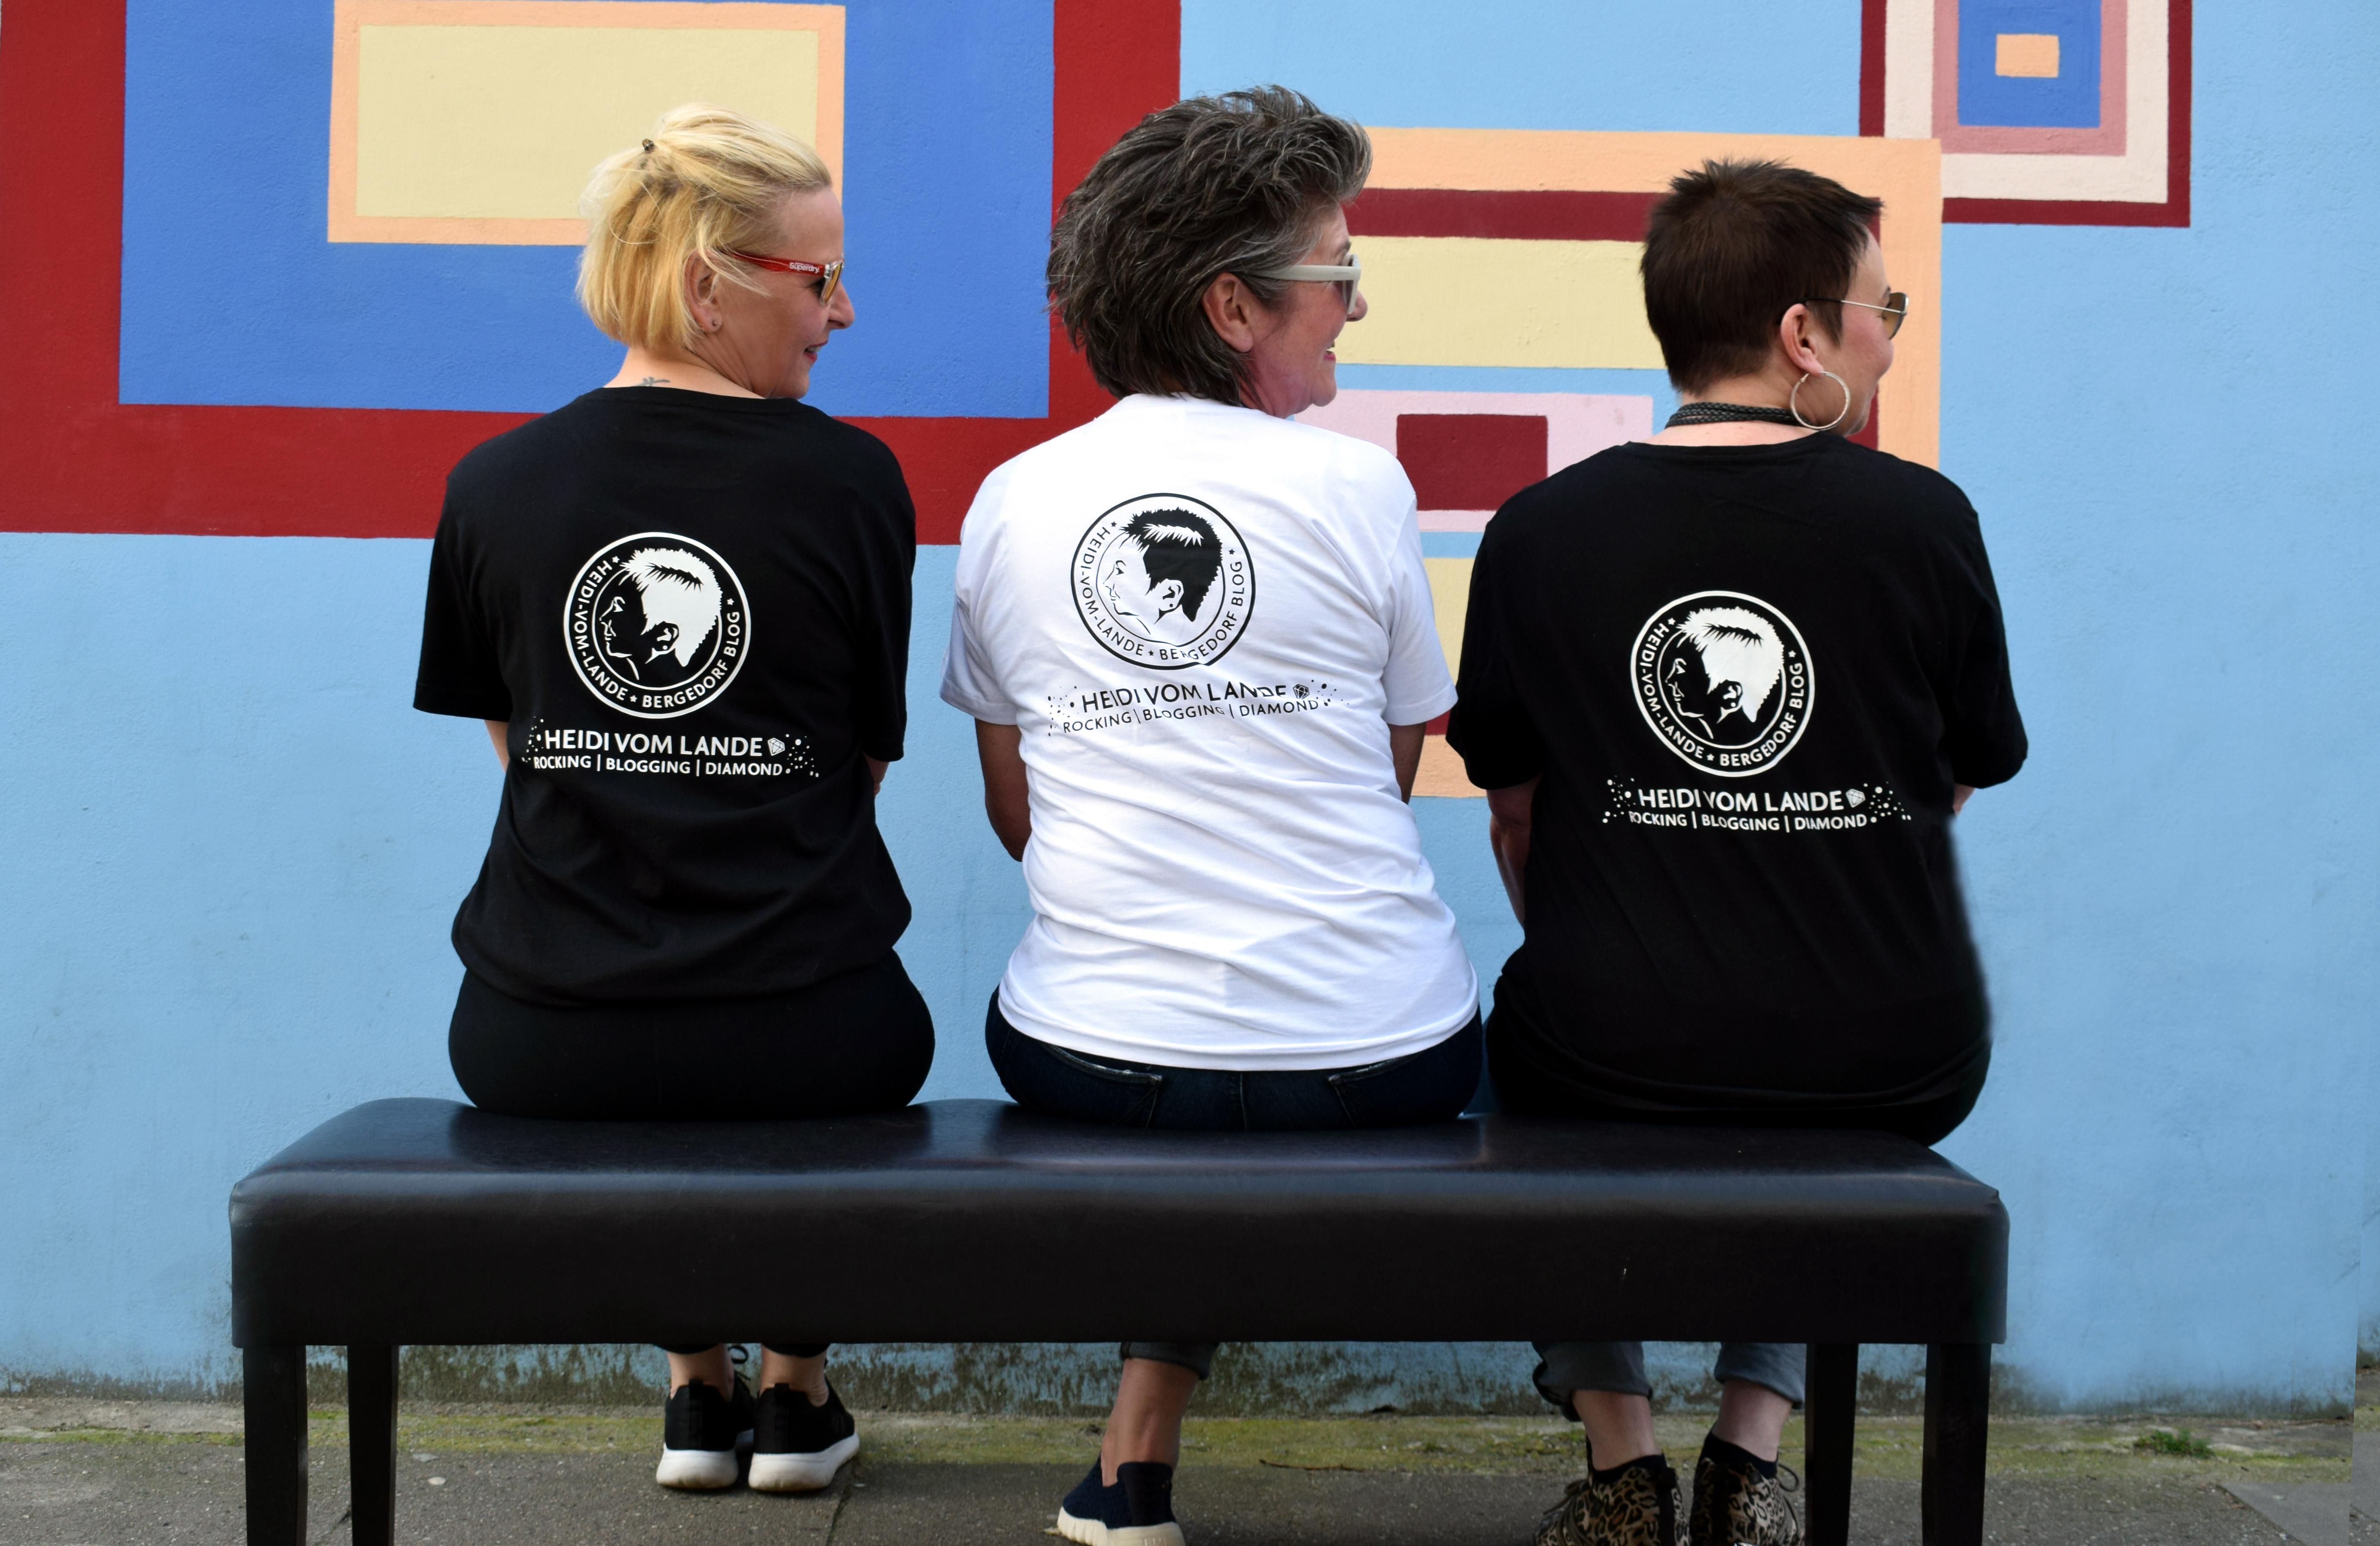 Heidi vom Lande, Merchandising, T-Shirt, Hoodie, Sweatshirt, Turnbeutel, Logo, Blog, Bloggerin, Werbemittel, Blog, Der Blog aus Hamburg, Bergedorf, Marke